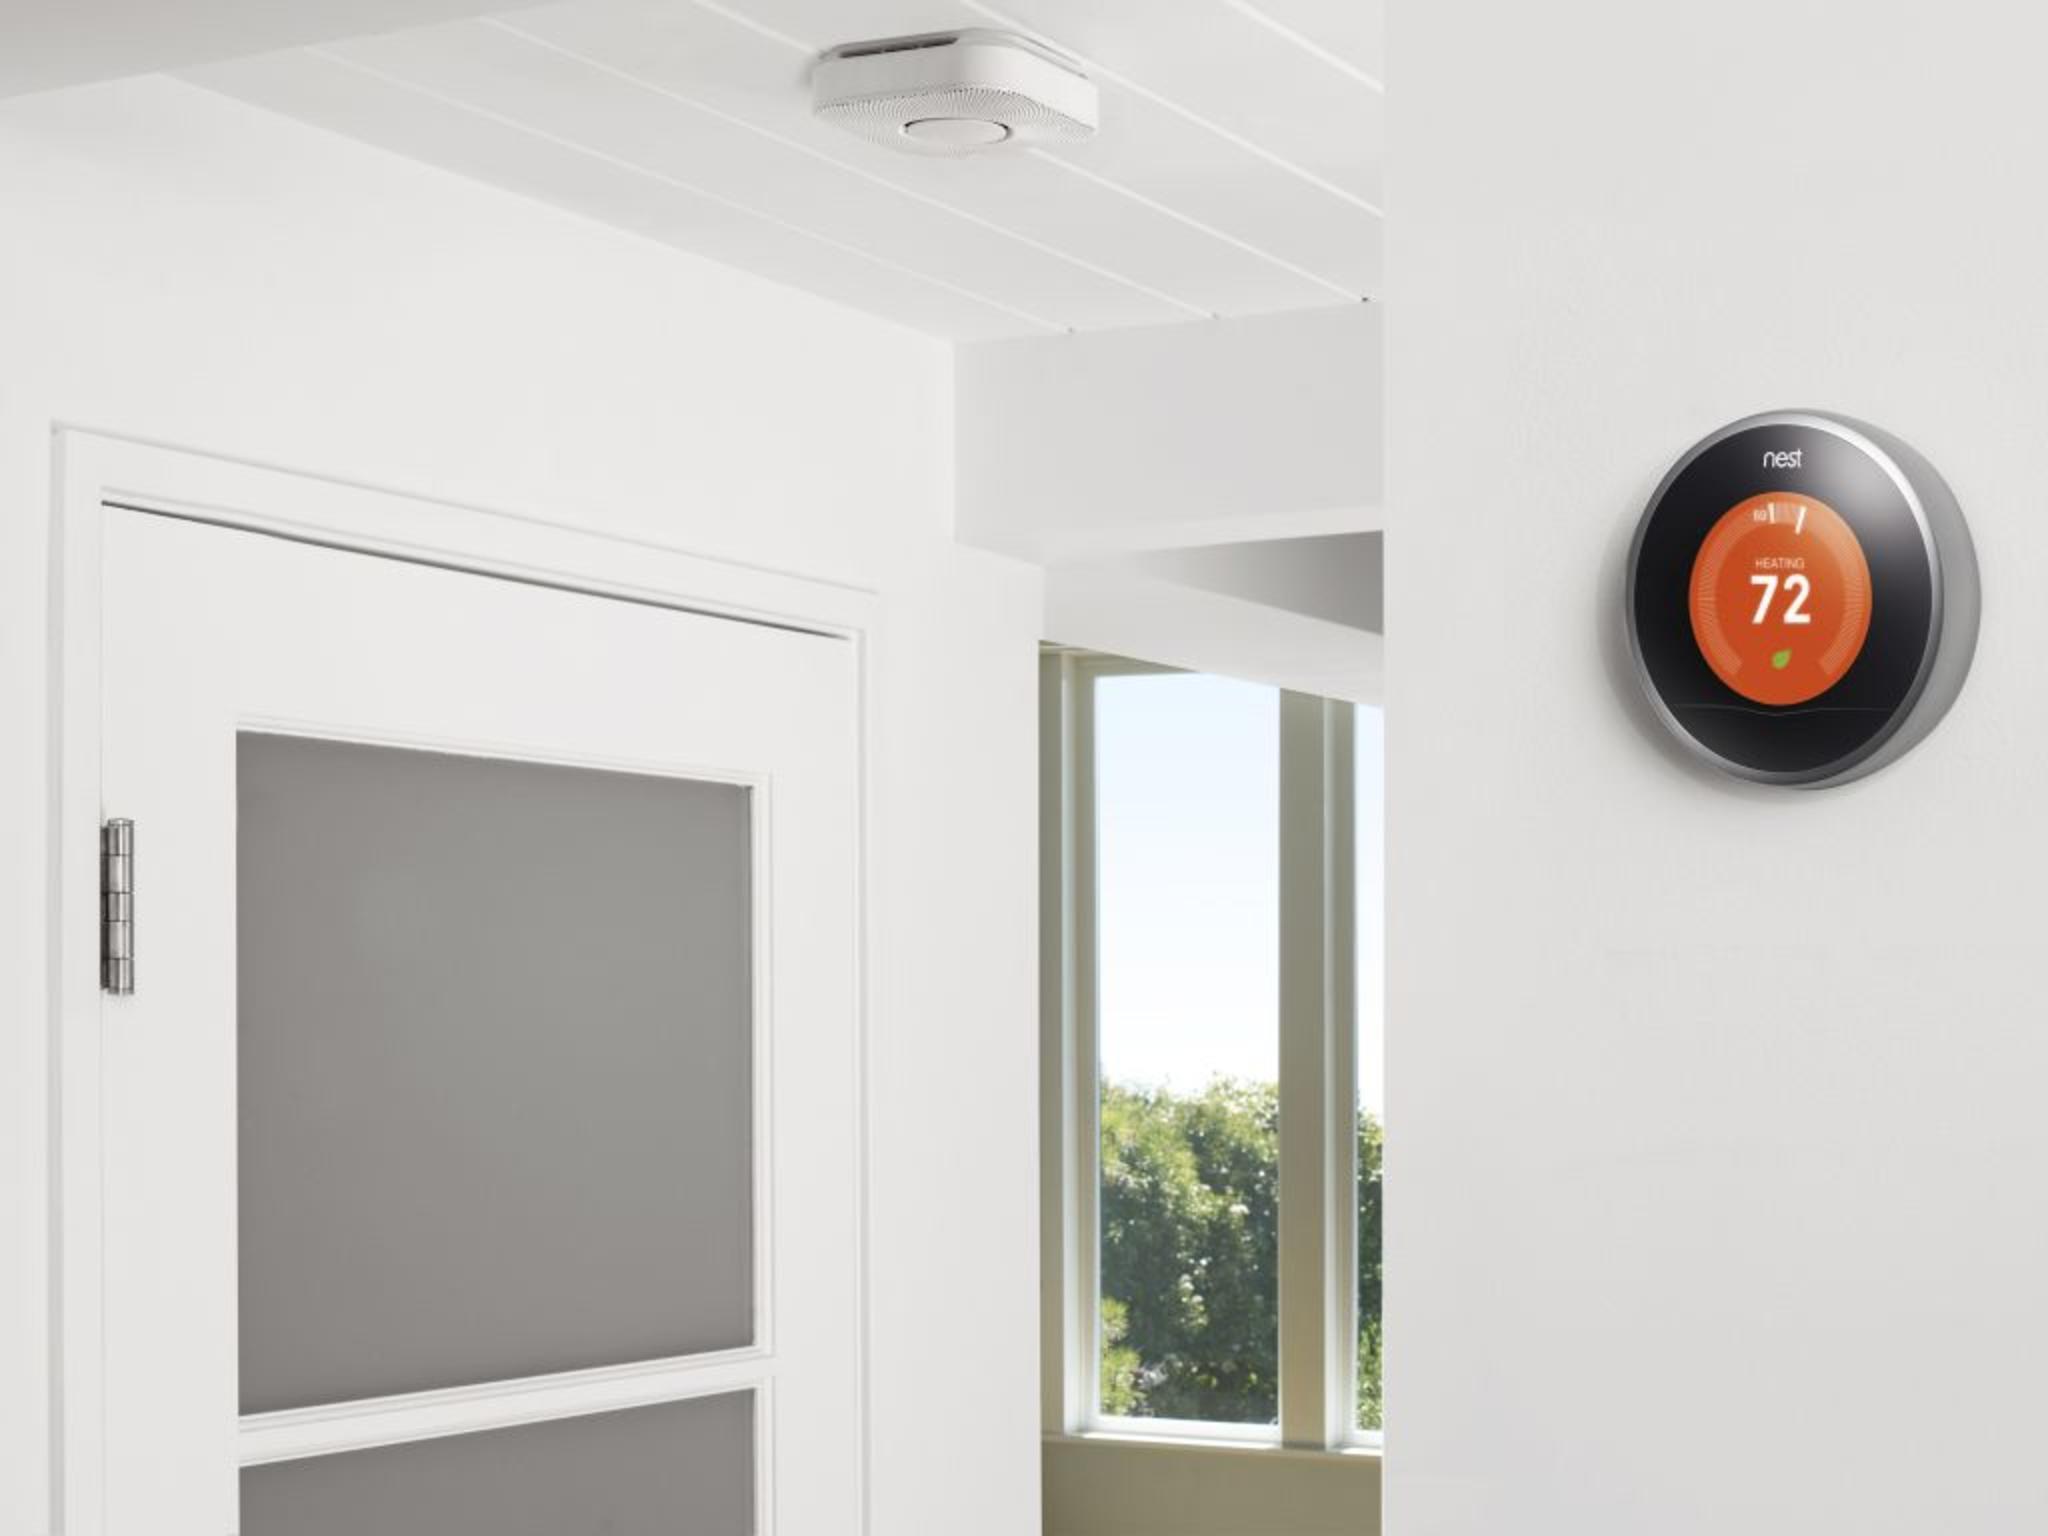 Die smarten Thermostate von Nest kommen in einem neuen Farbdesign.